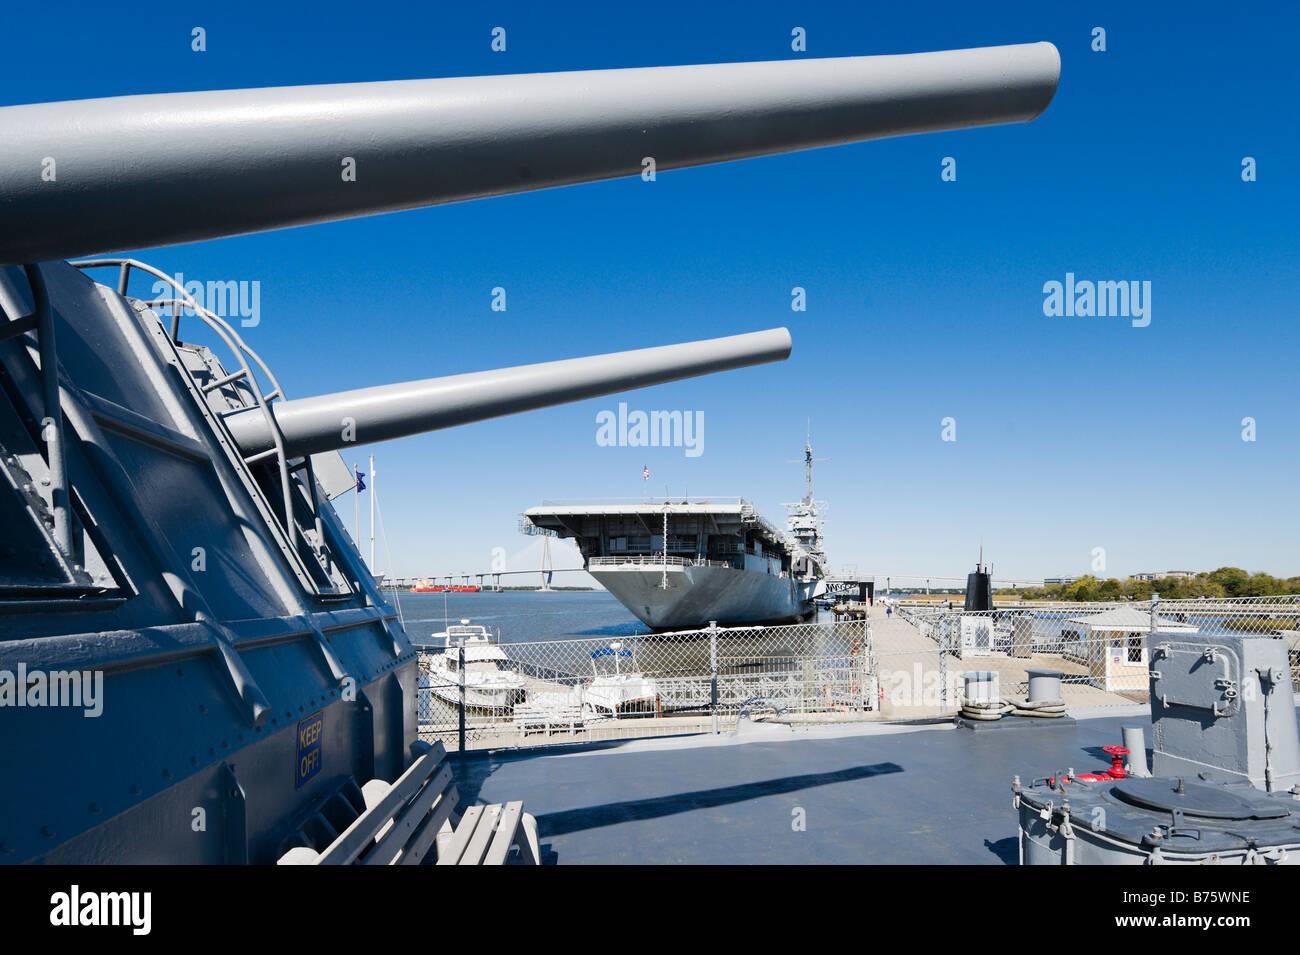 Der Flugzeugträger Uss Yorktown Vom Deck Der Zerstörer Uss Laffey